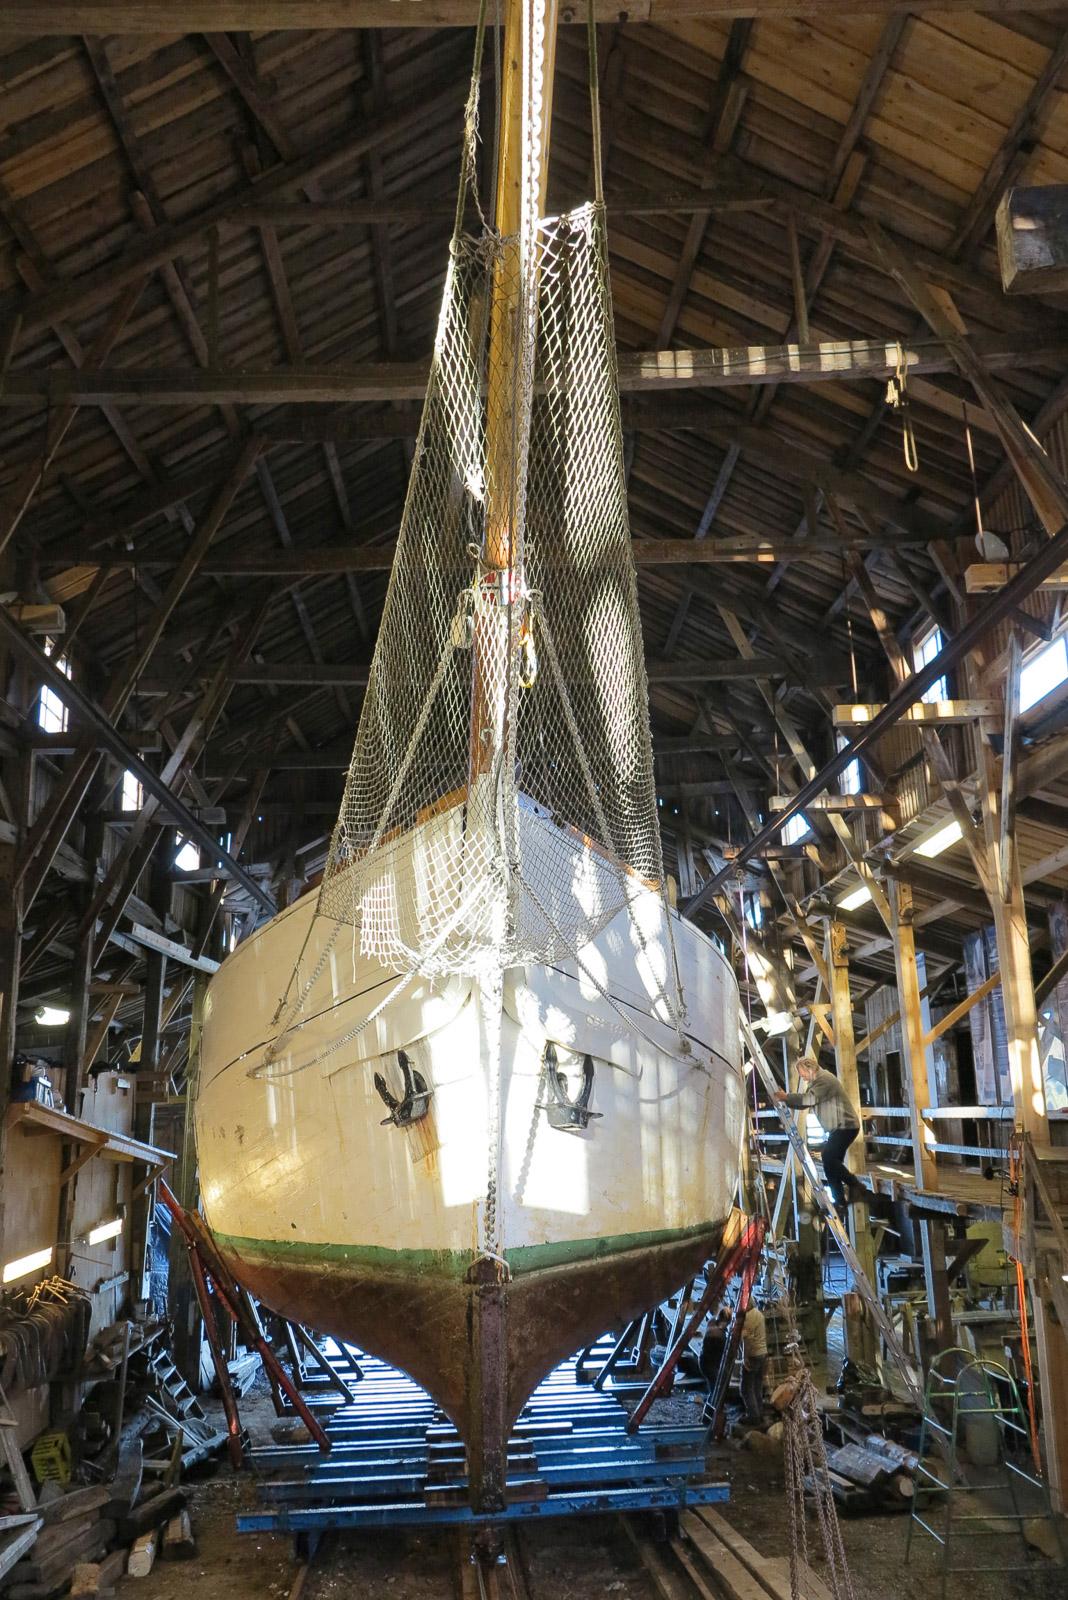 A boat at the shipyard